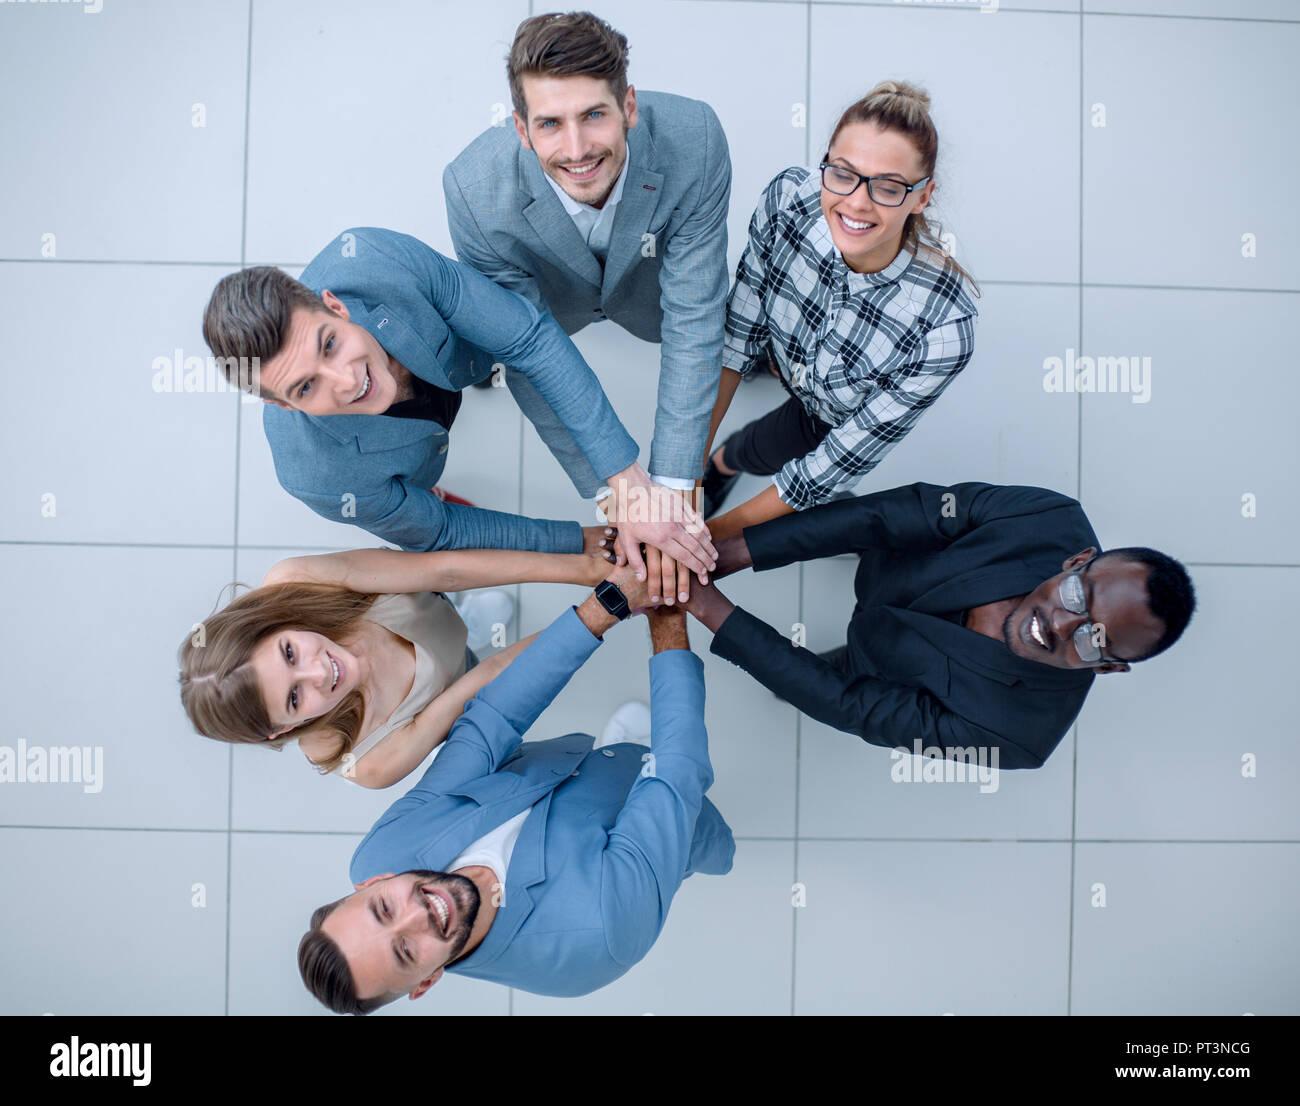 Su un dream team! Alto ángulo de visión completo cuerpo de longitud, tamaño y gran ángulo de visión vertical de carefree, hipster trandy manos plegadas apiladas una encima de e Imagen De Stock